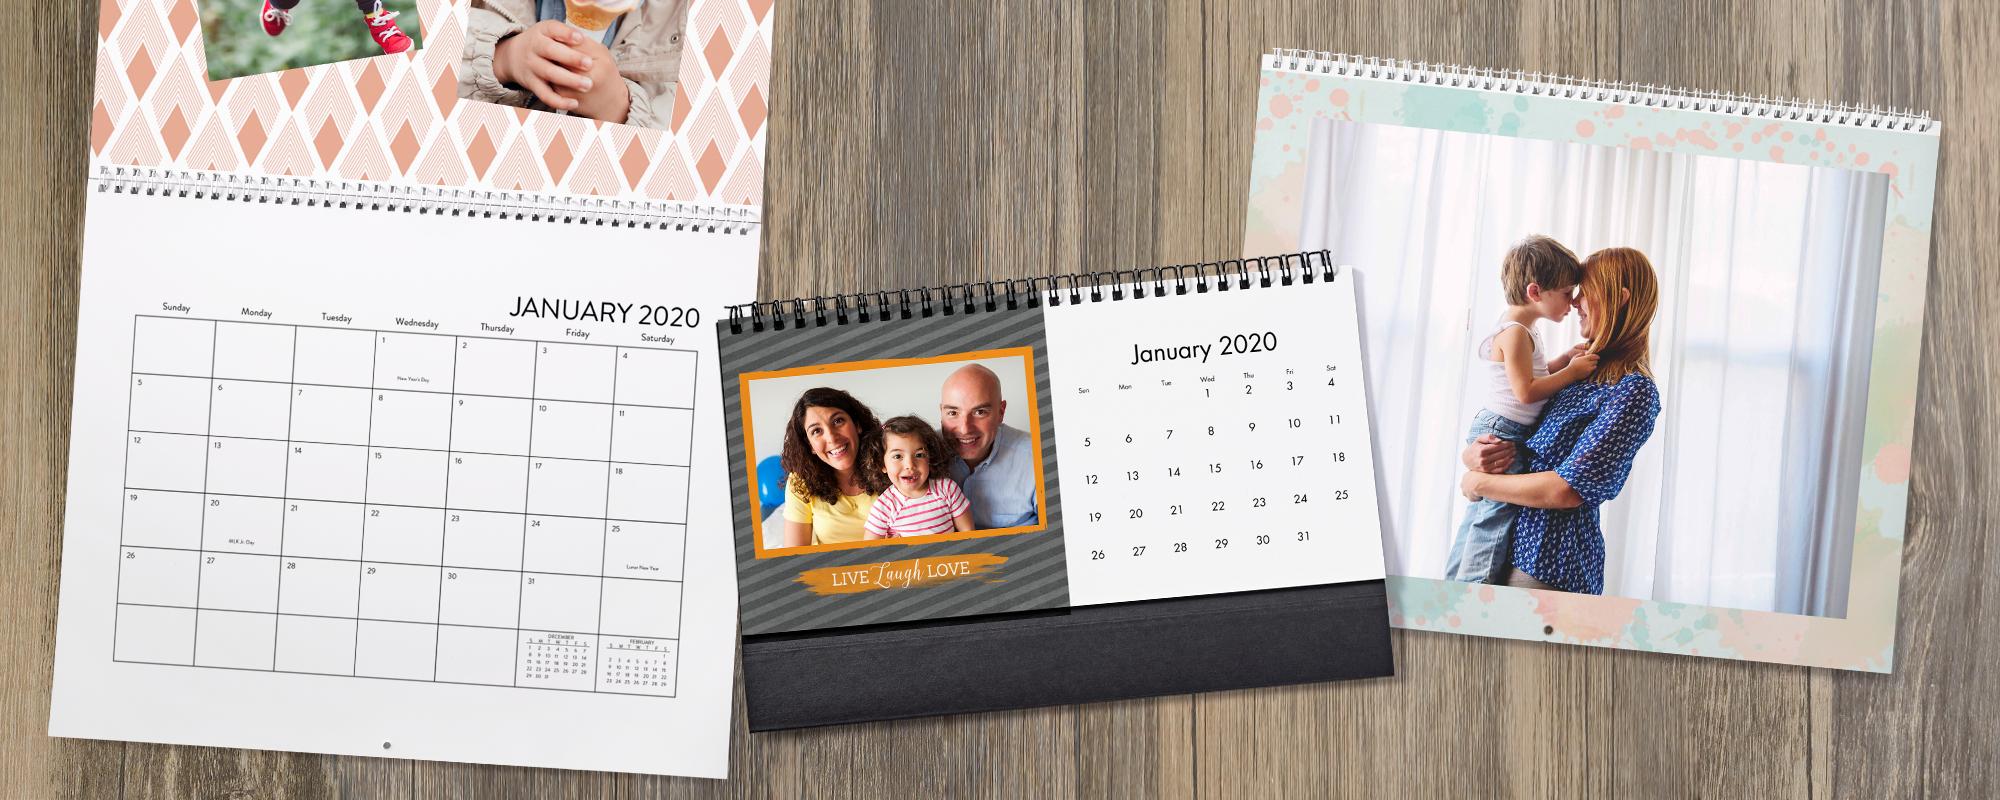 Personalized Calendars  2020 Photo Calendars At Cvs Photo pertaining to Cvs Desk Calendar